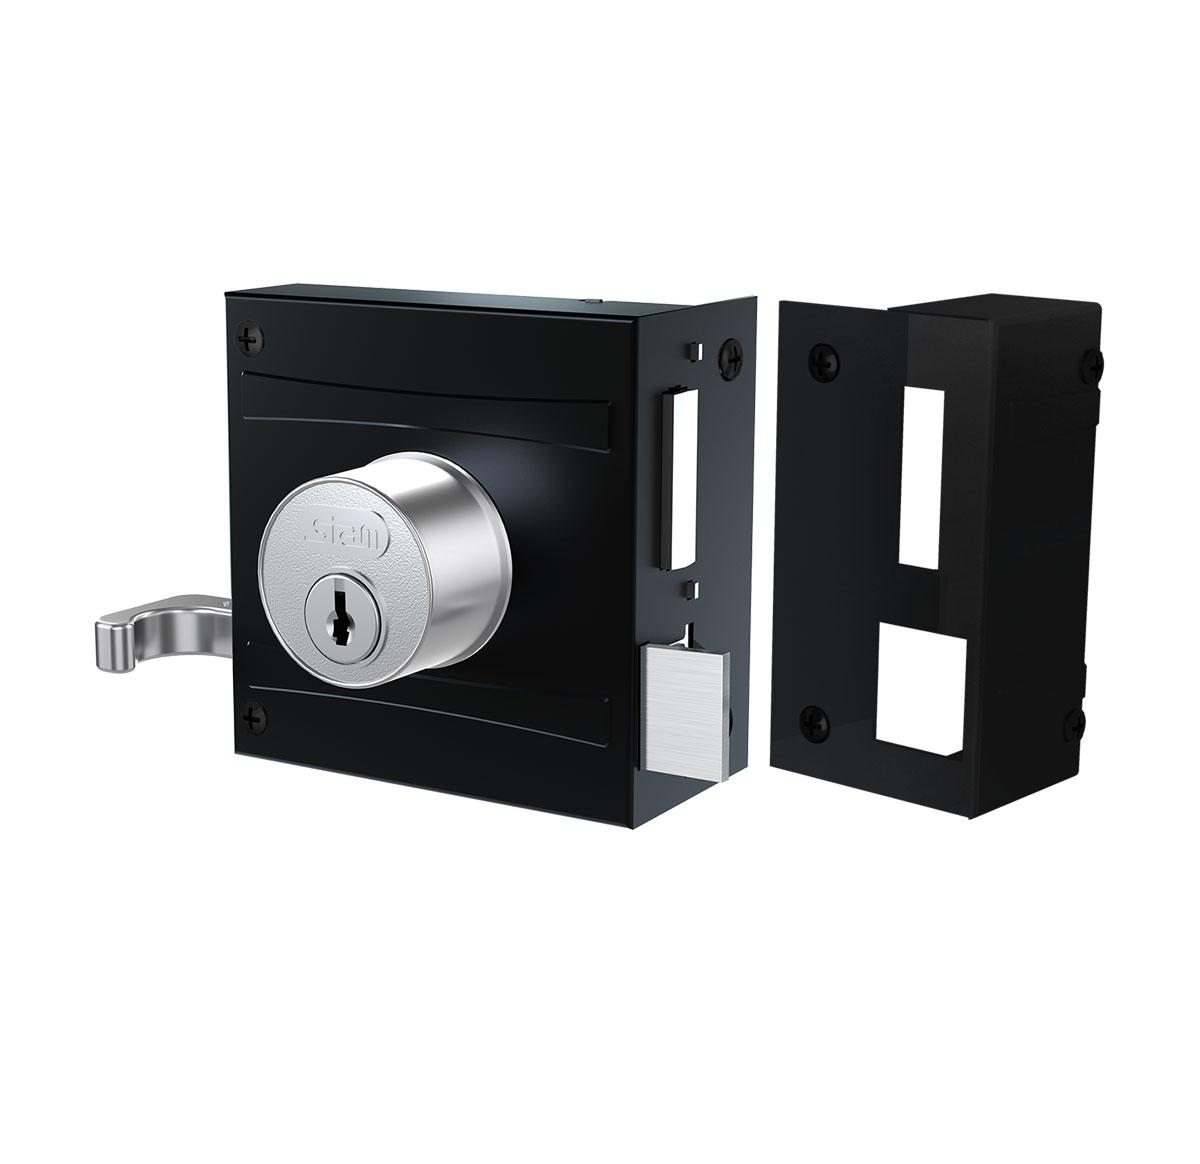 Fechadura De Sobrepor Stam 701/80 - Espelho Inox - Preto Fosco